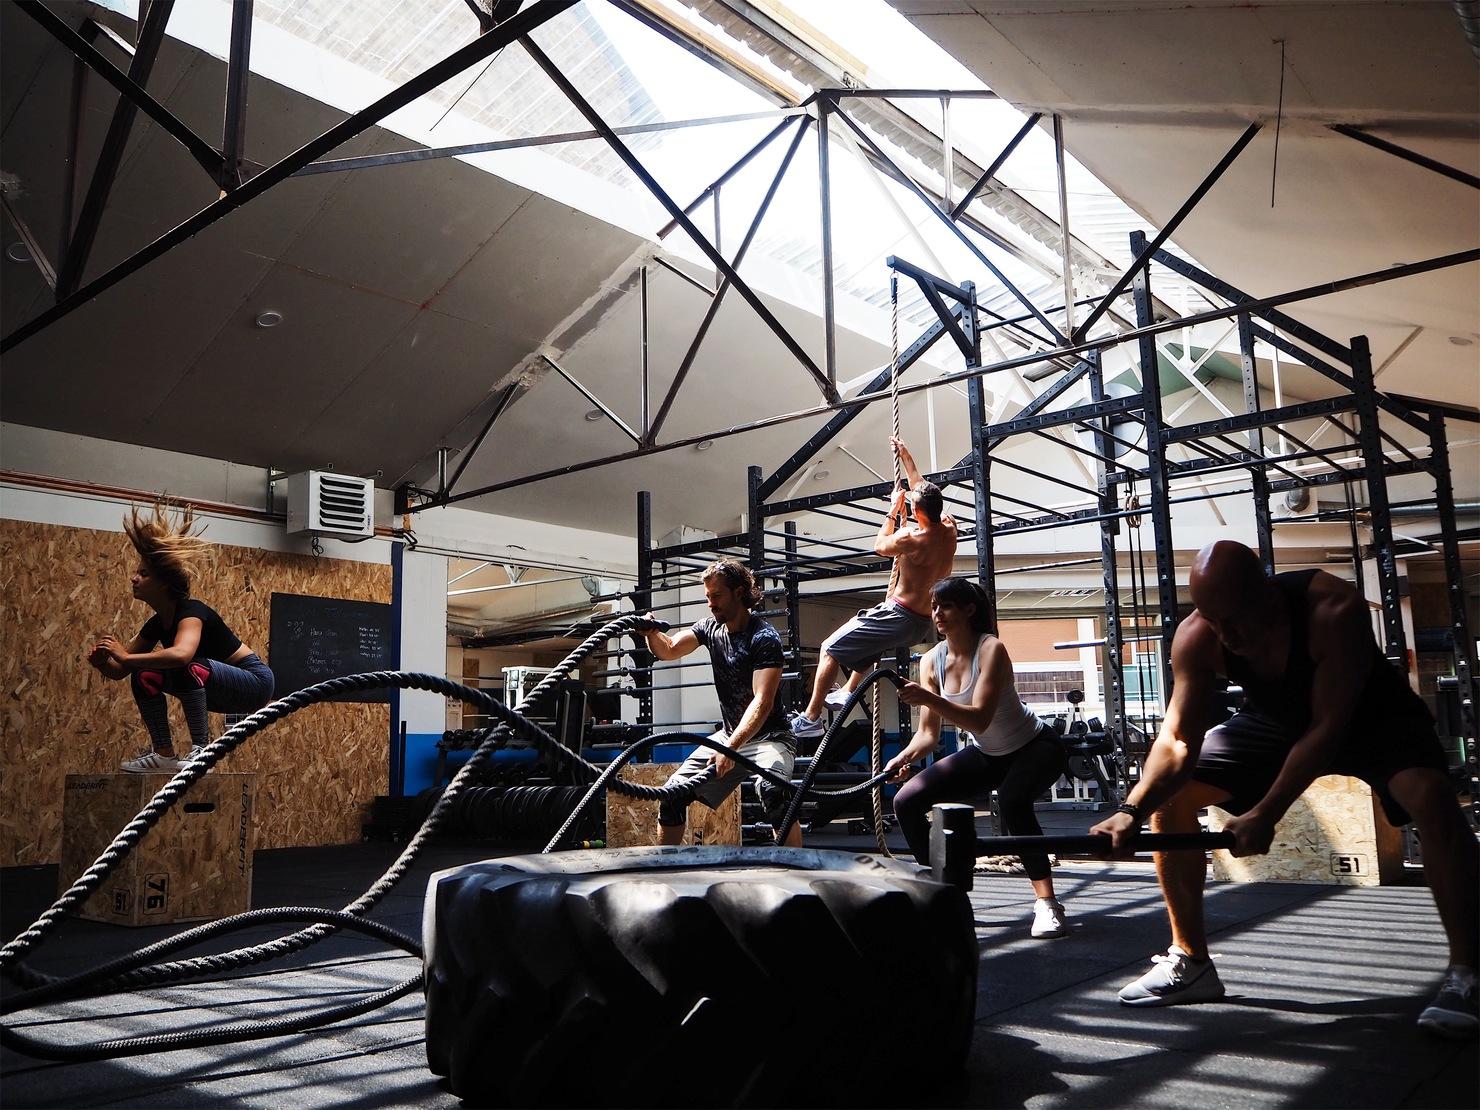 Stay Fit - CrossFit Kaizoku Bourg la Reine